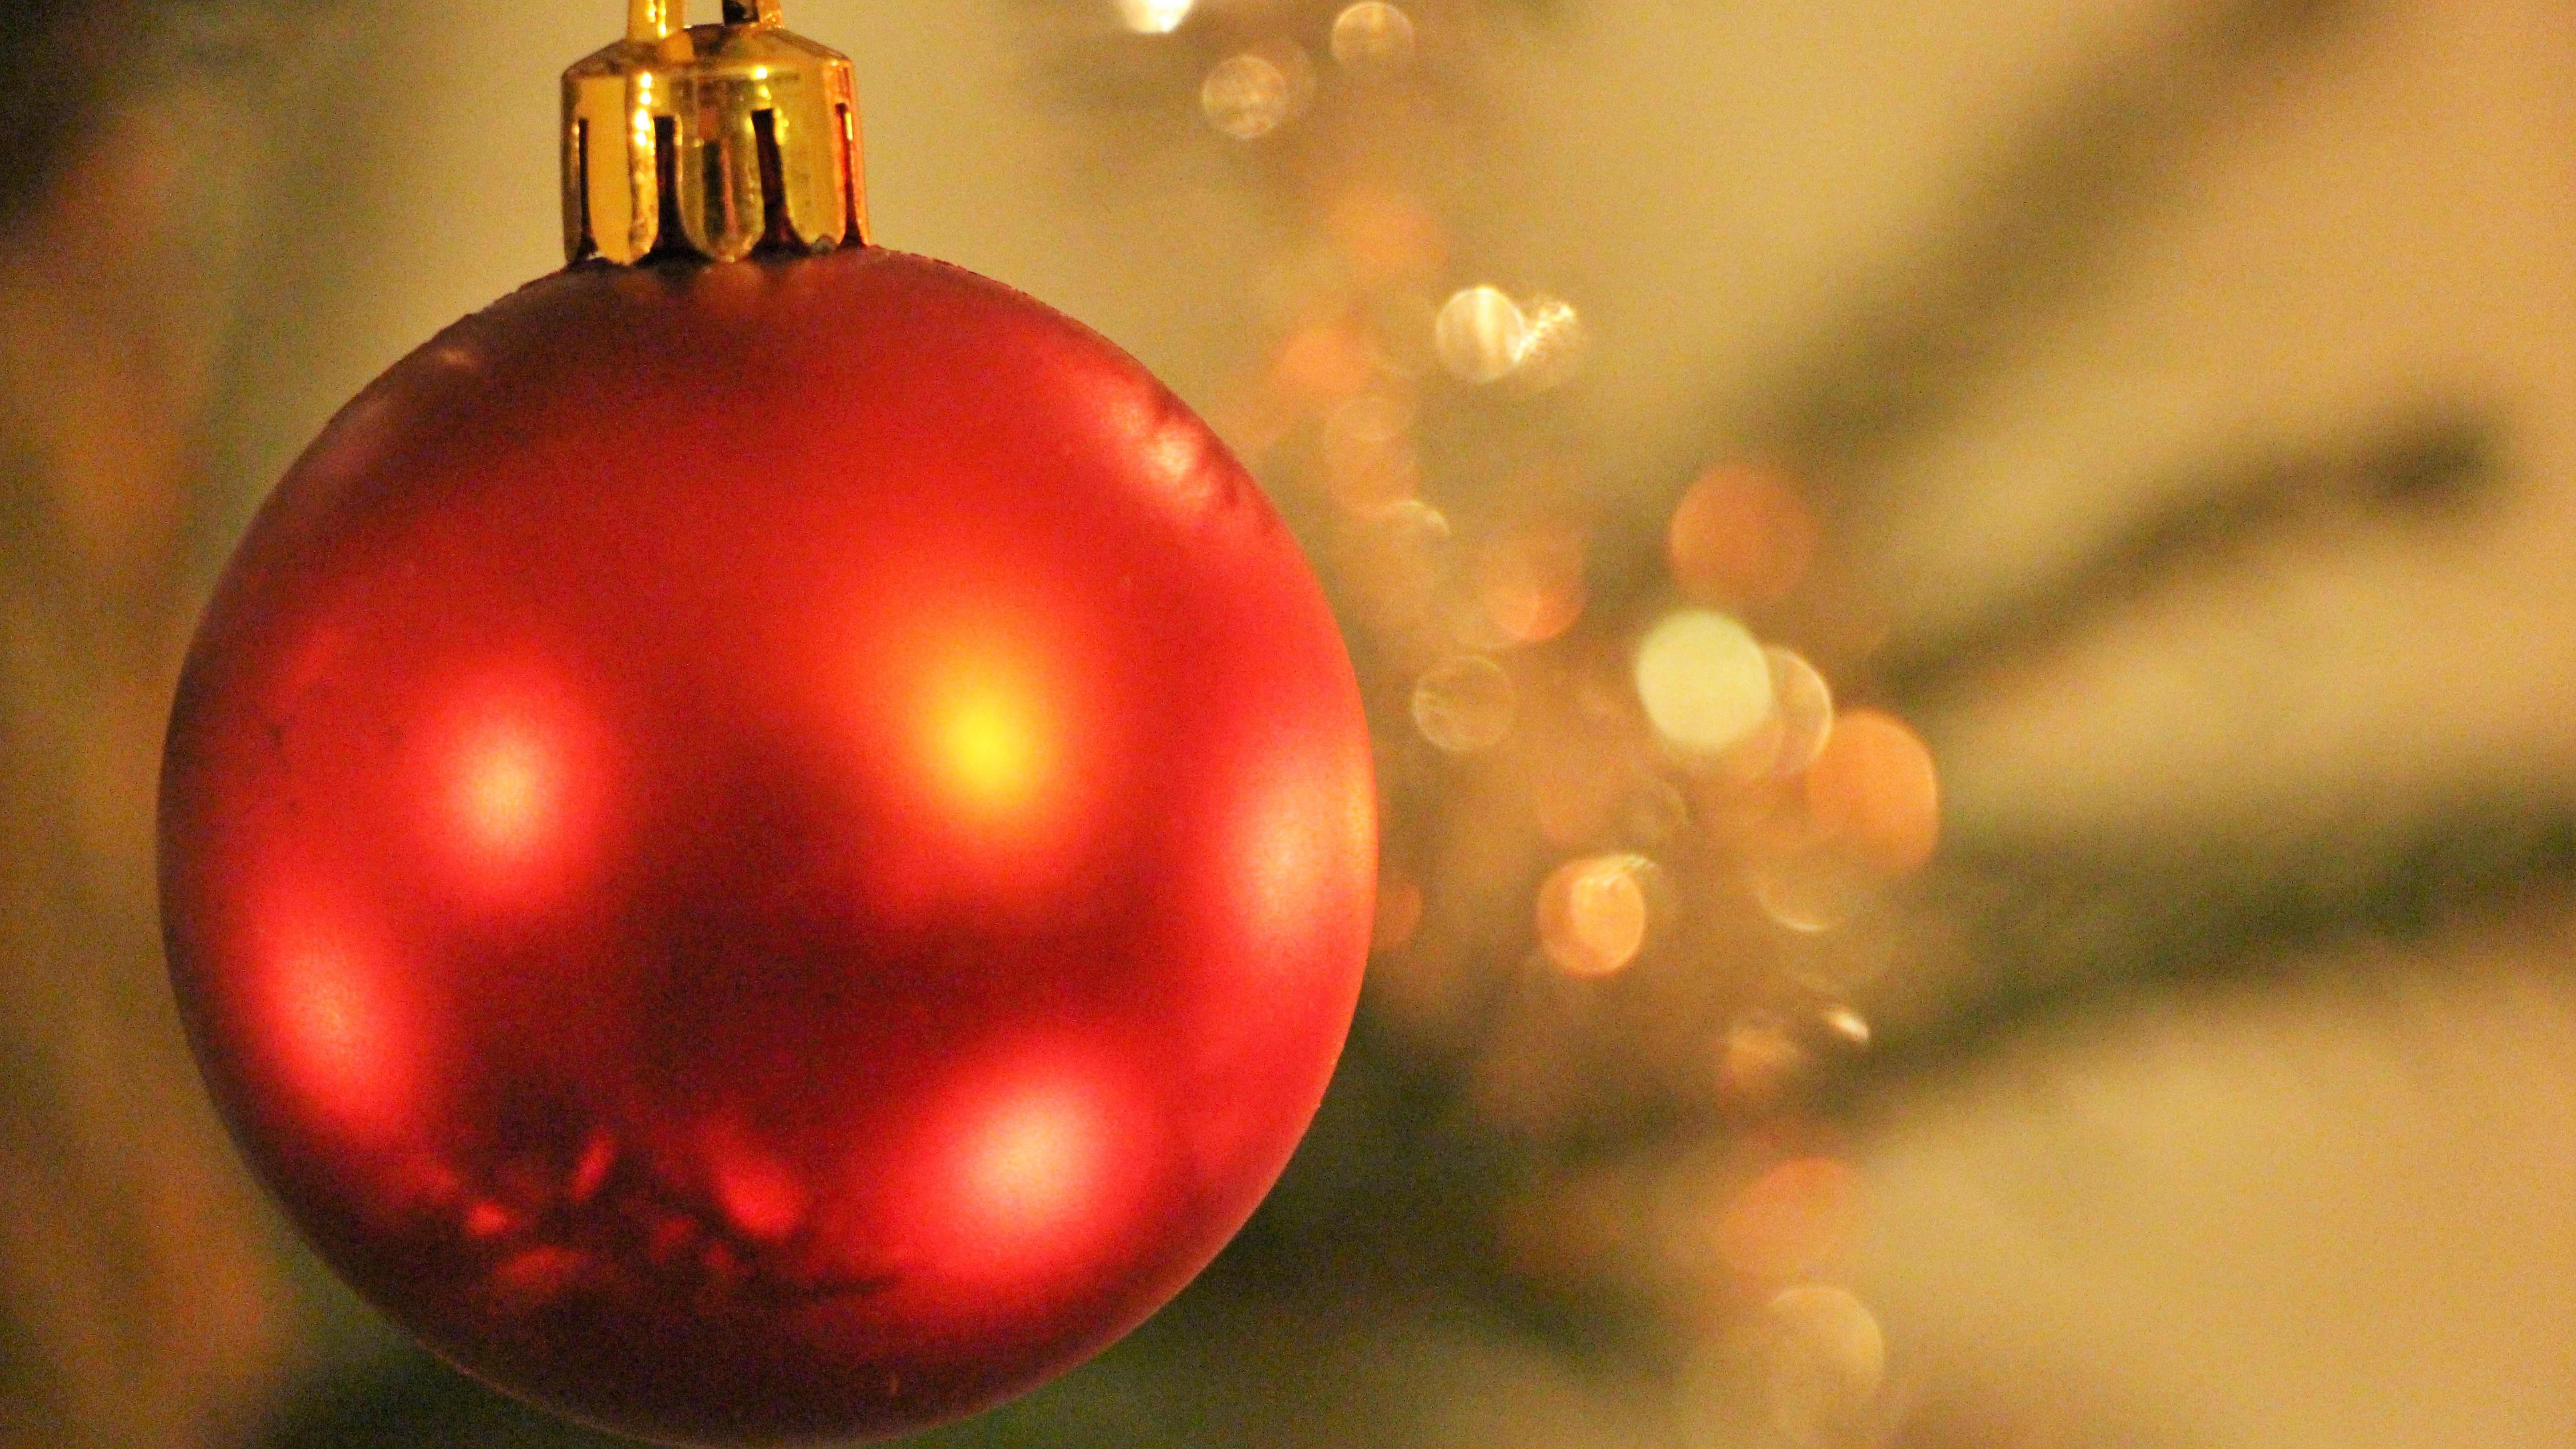 Punainen koristepallo joulukuusessa.